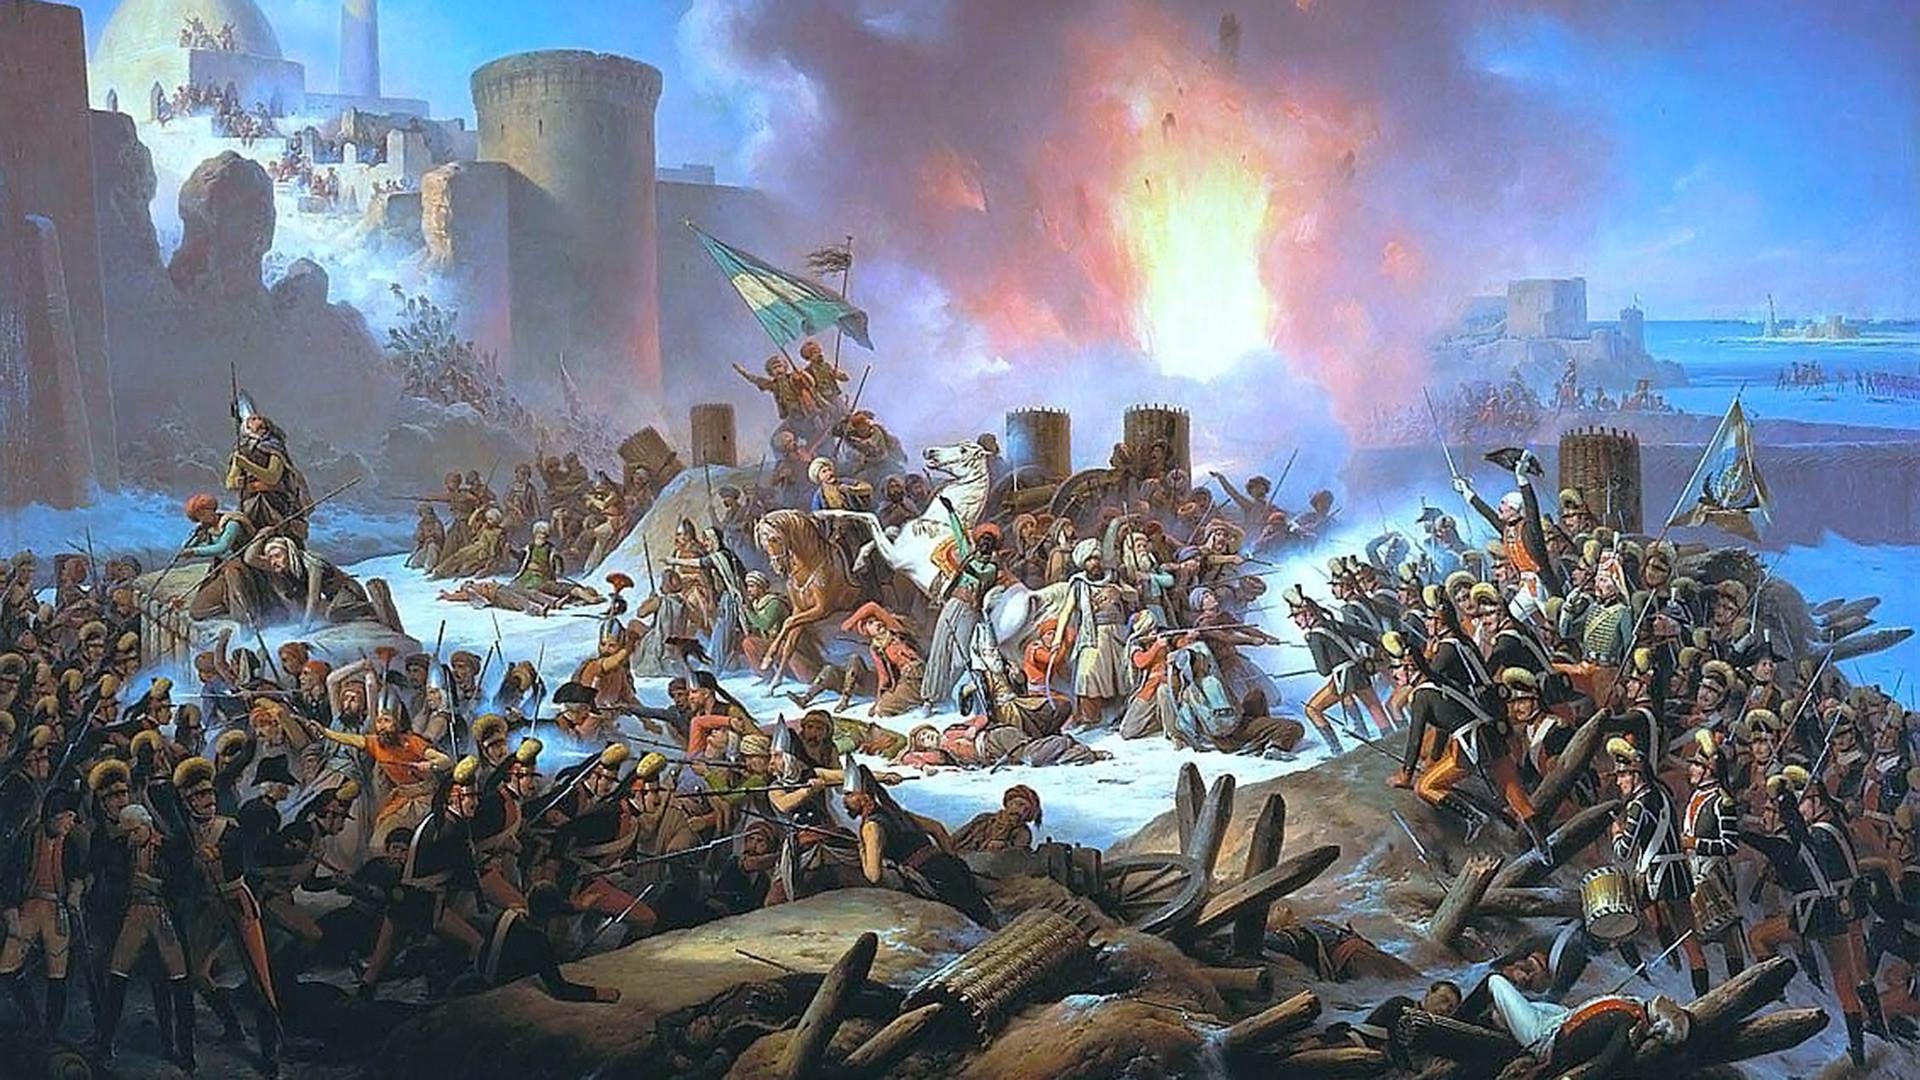 En 1788 John Paul Jones se convirtió en uno de los principales participantes en la exitosa batalla rusa en torno a la fortaleza turca Ochákov.